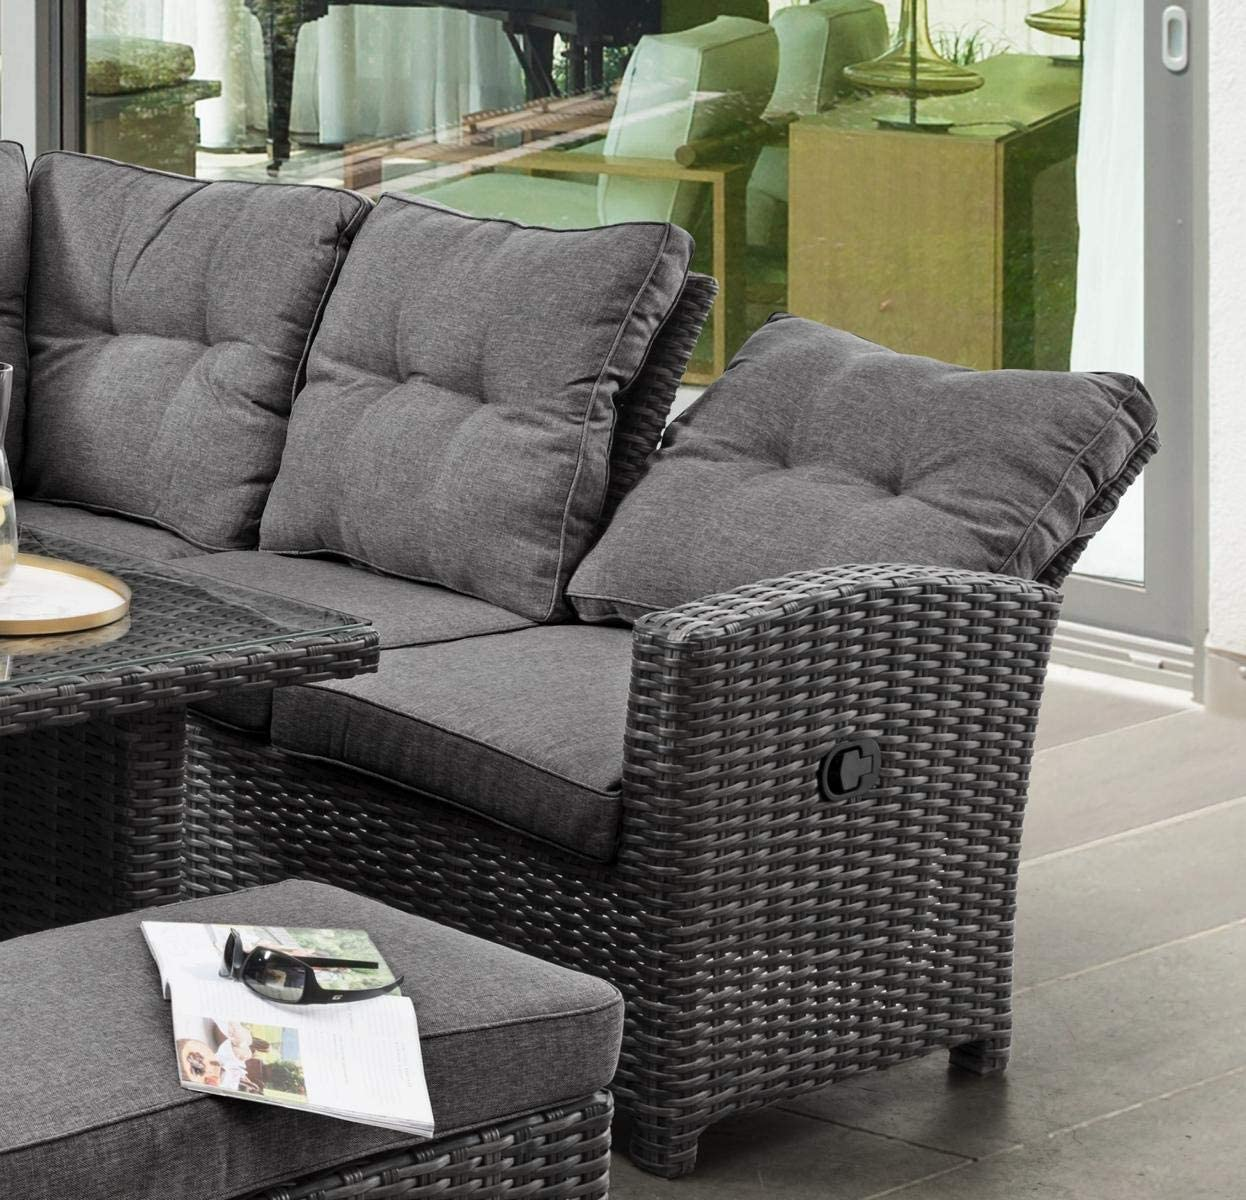 Destiny Loungegruppe Santa Ponsa Deluxe Grau Lounge Sitzgruppe Sofaset Polyrattan Vario